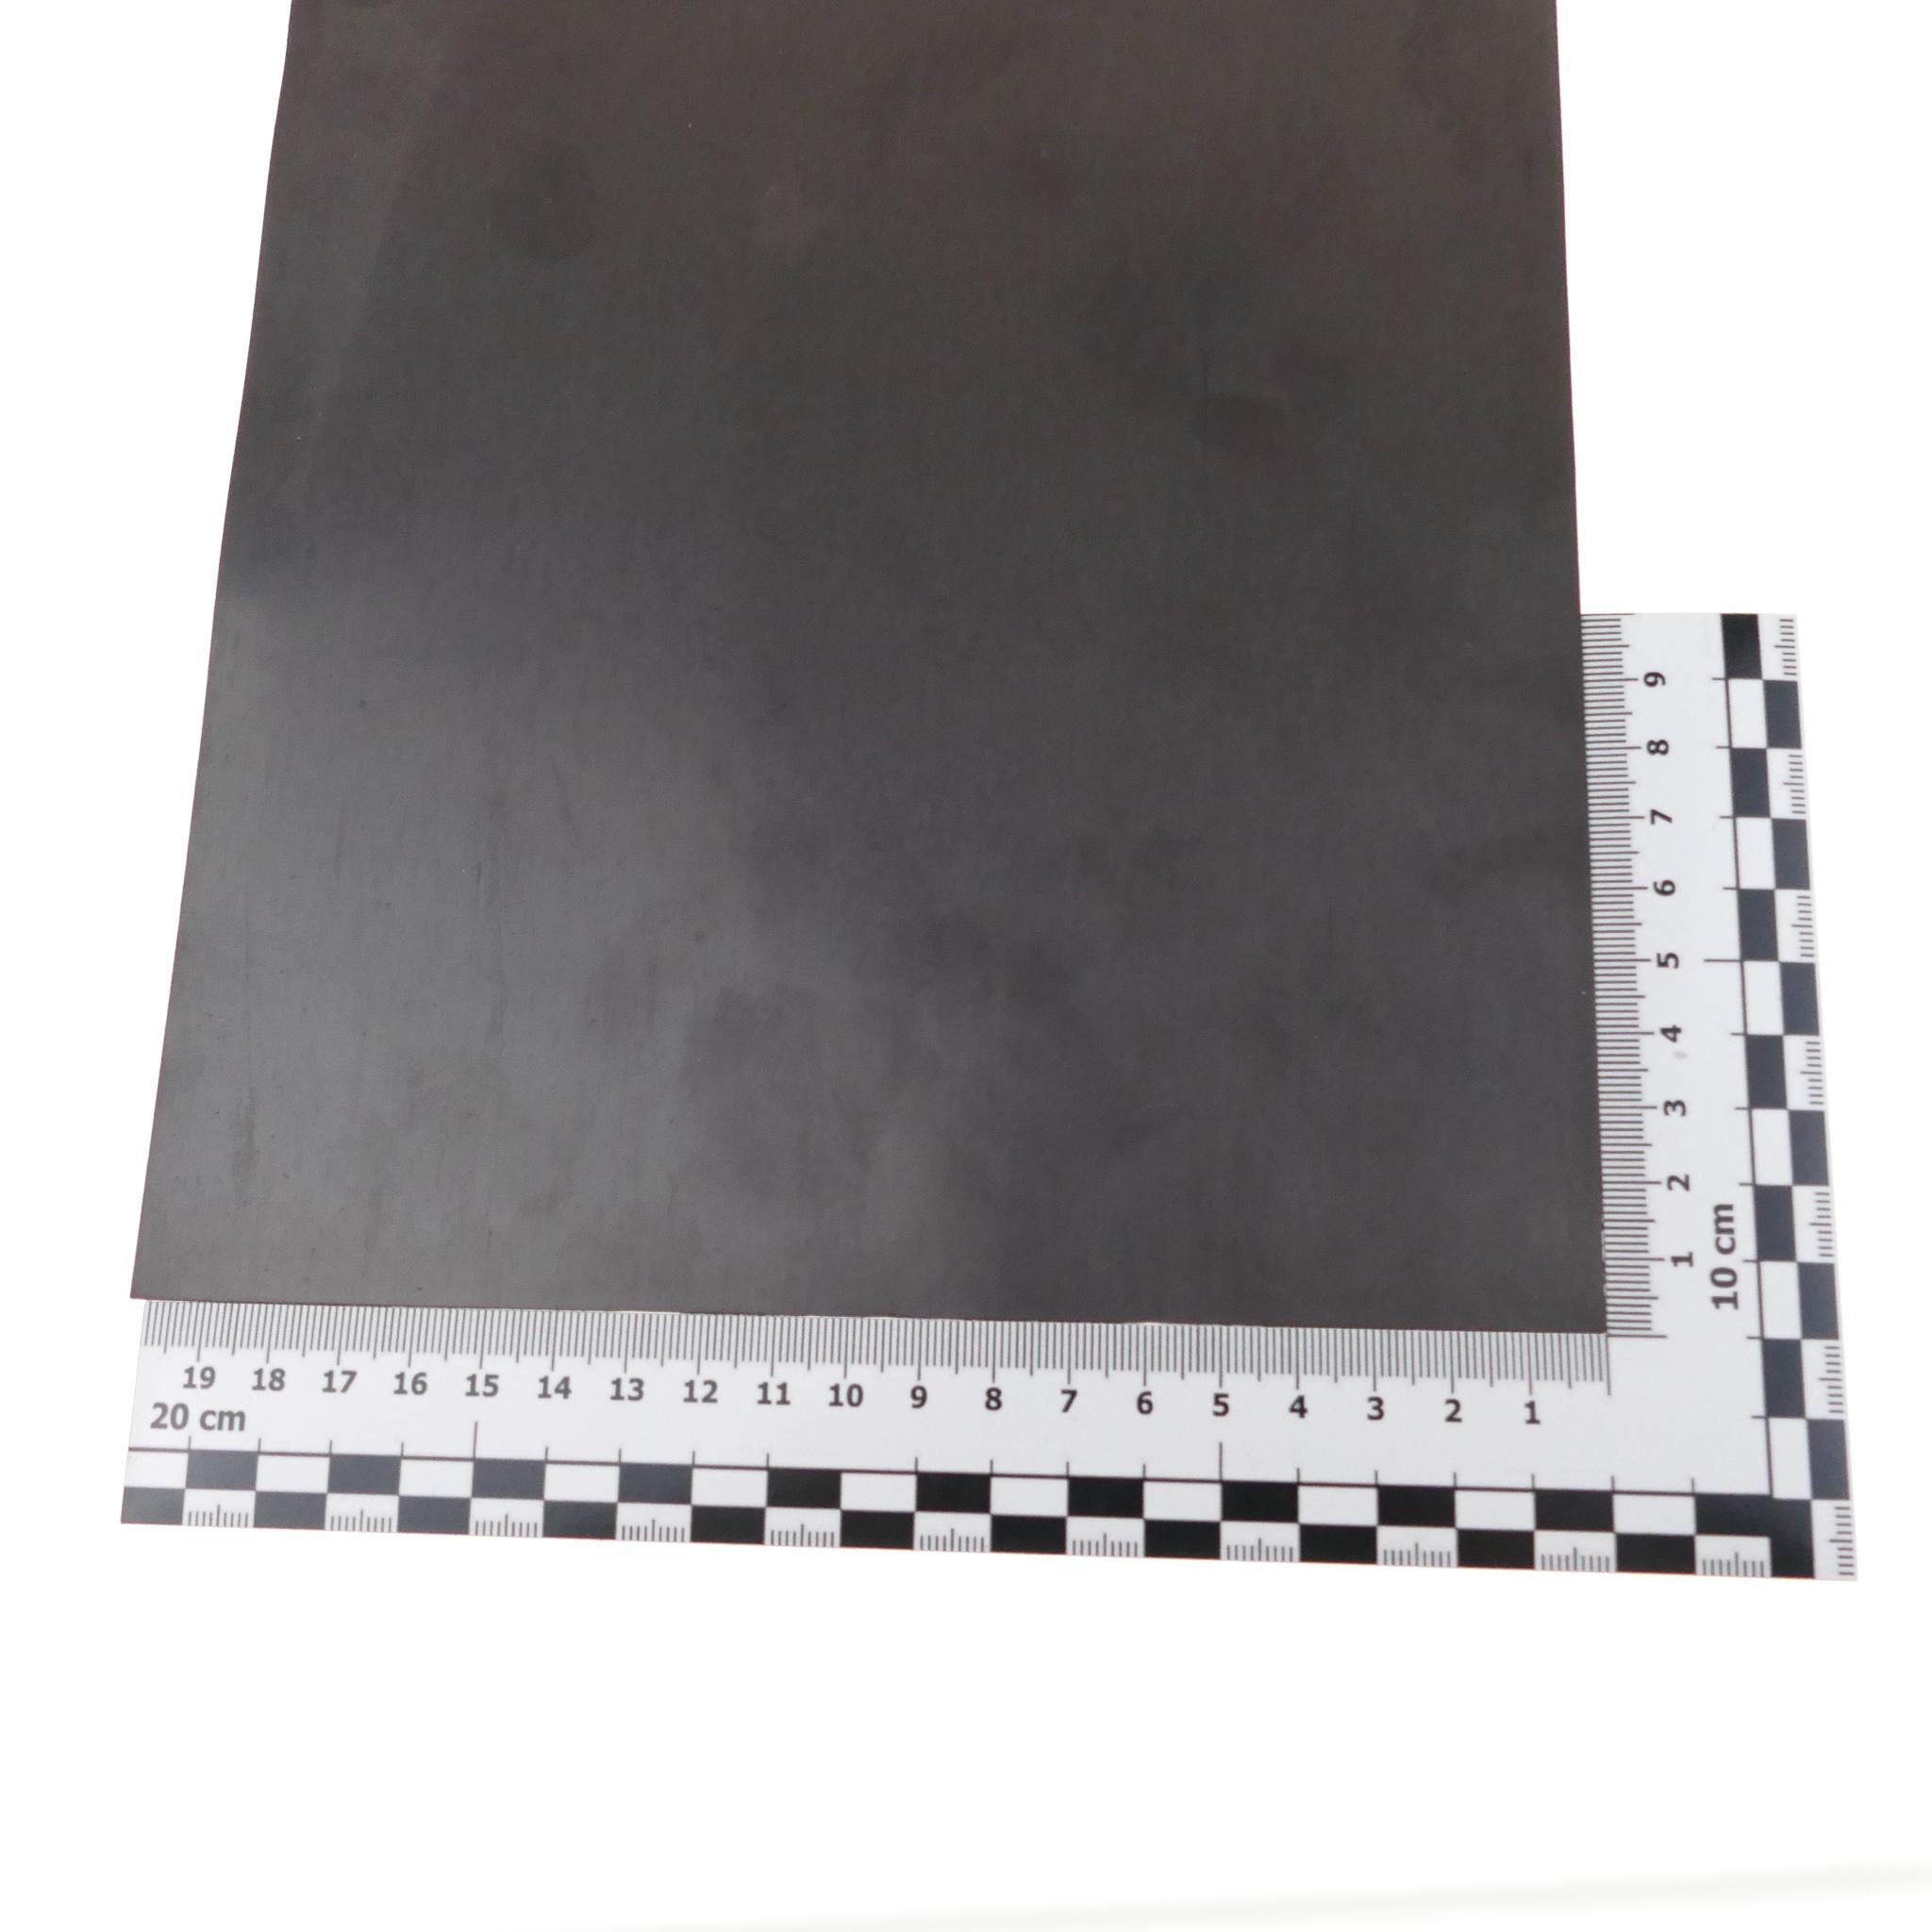 Magnetbogen Magnetplatte Magnetfolie Magnettafel Magnetschild Magnet 20 x 25 cm